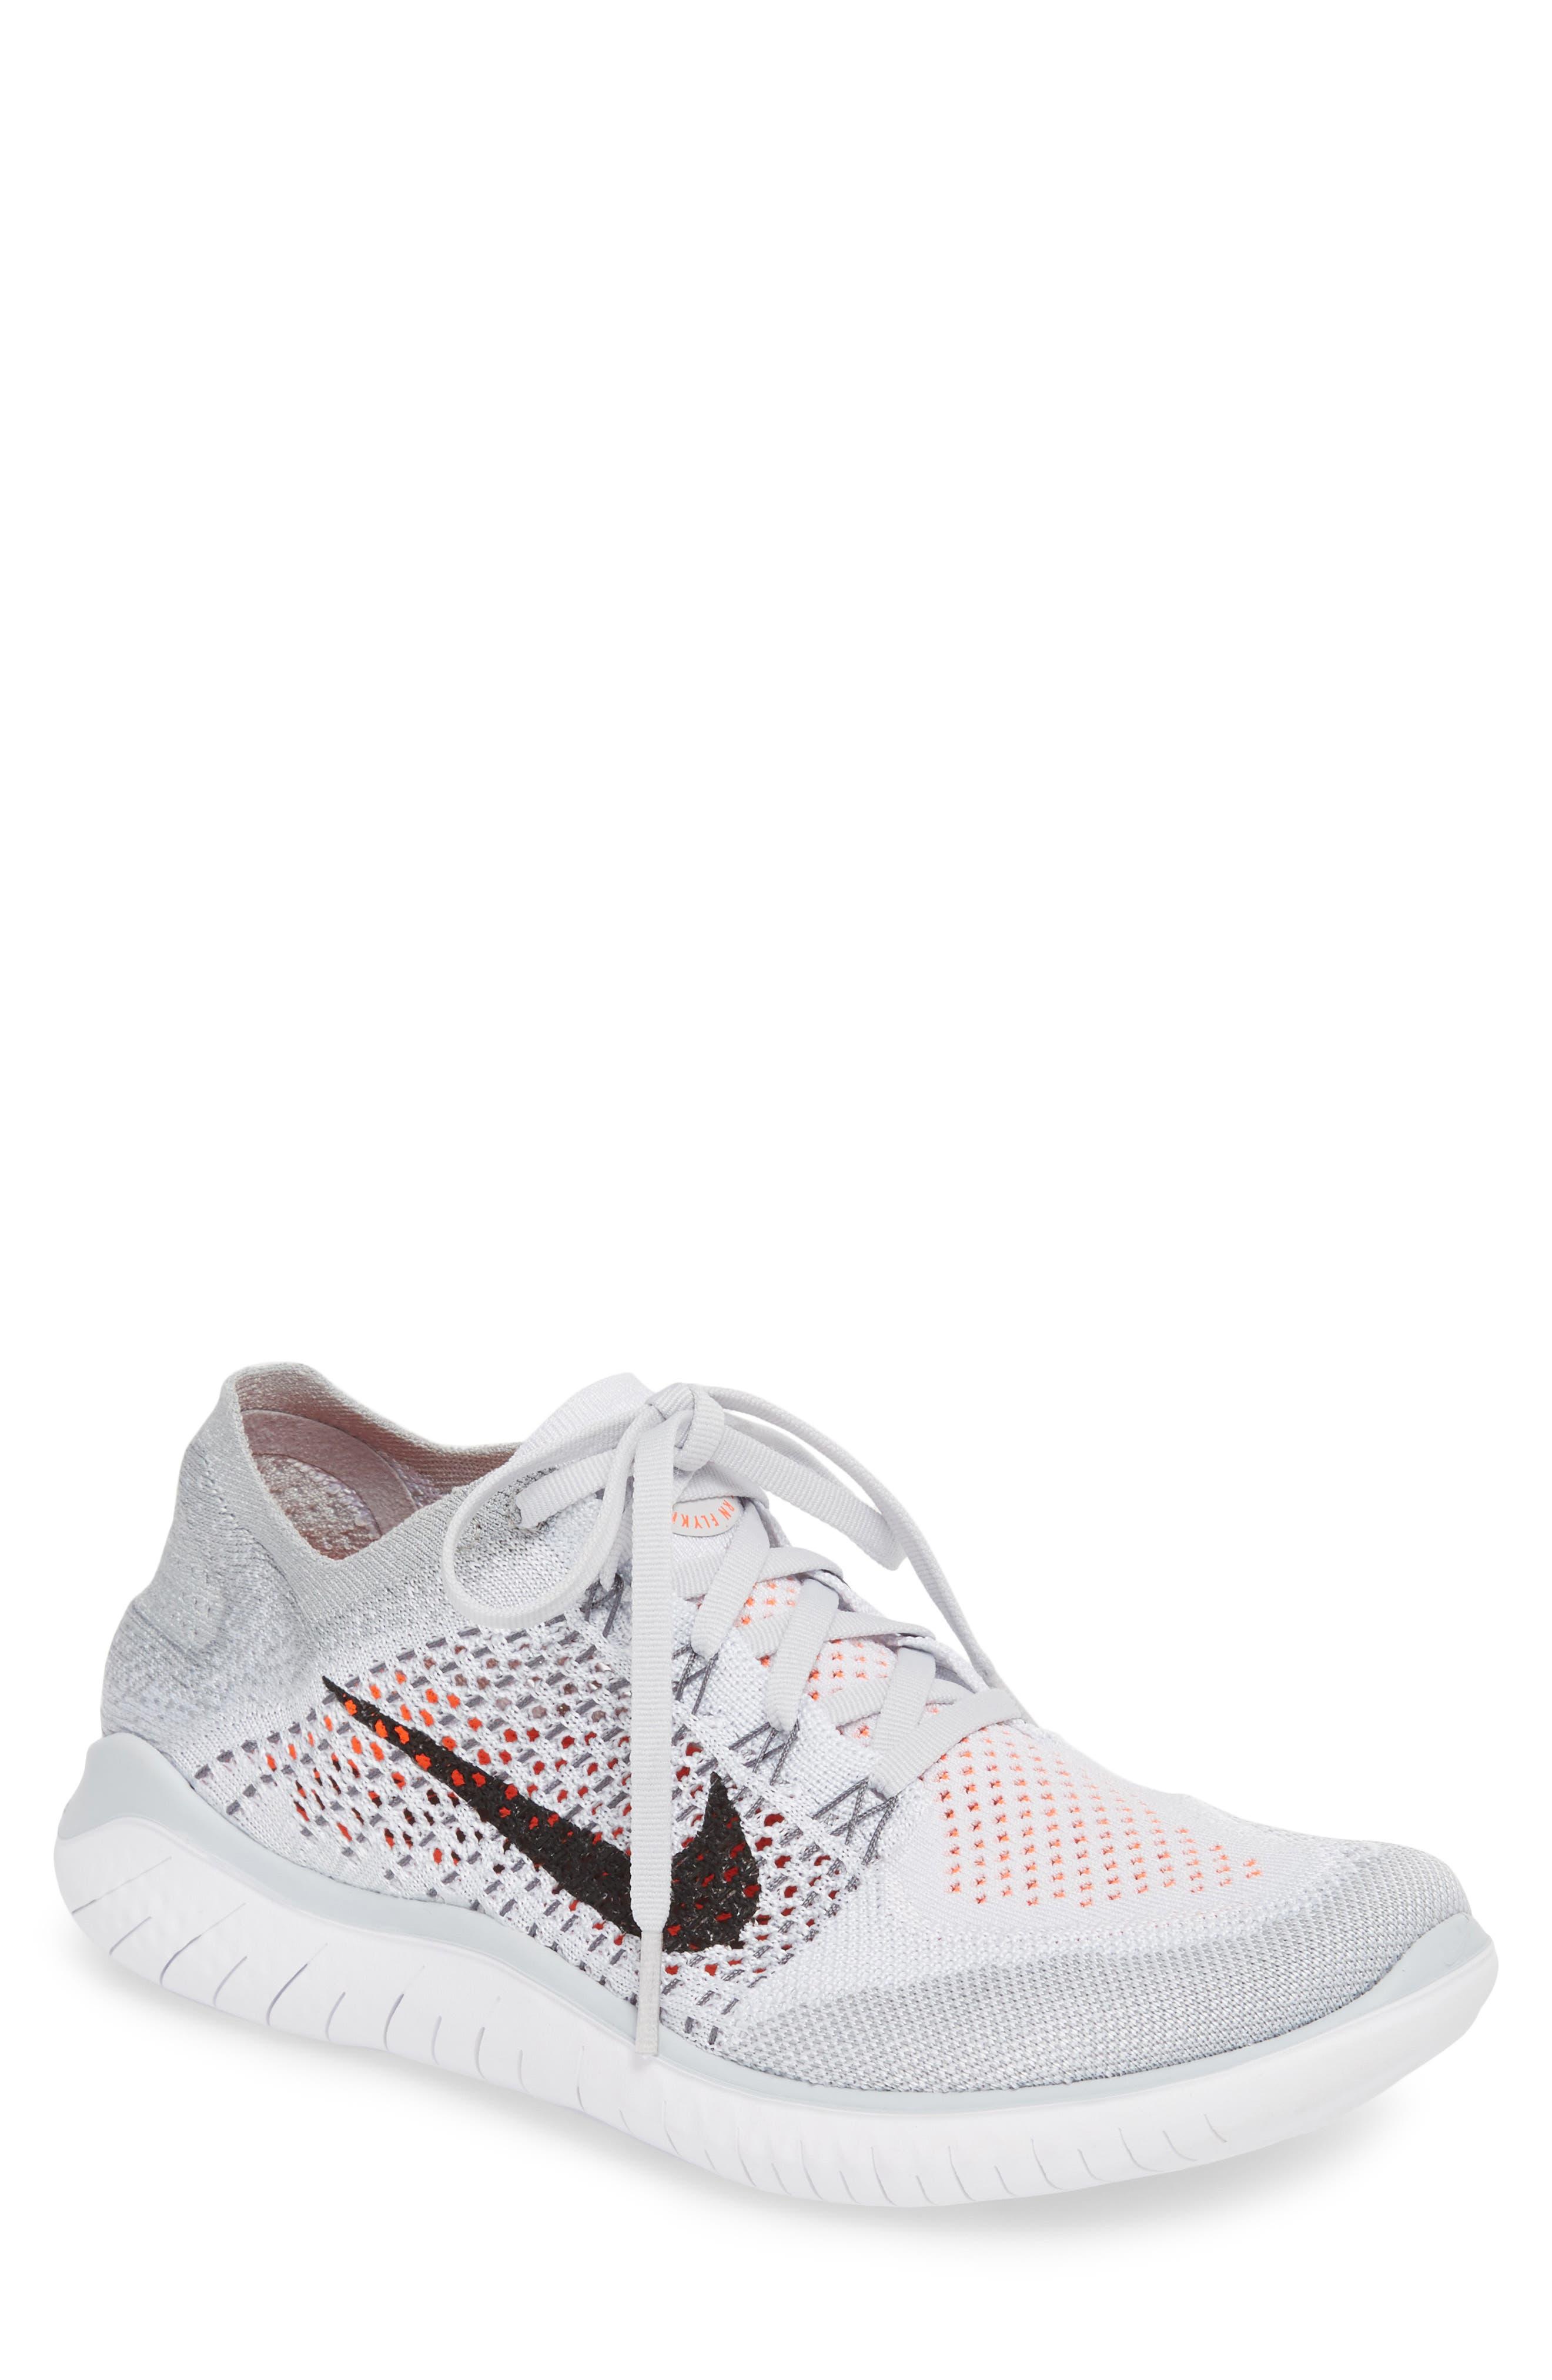 Main Image - Nike Free RN Flyknit 2018 Running Shoe (Men)